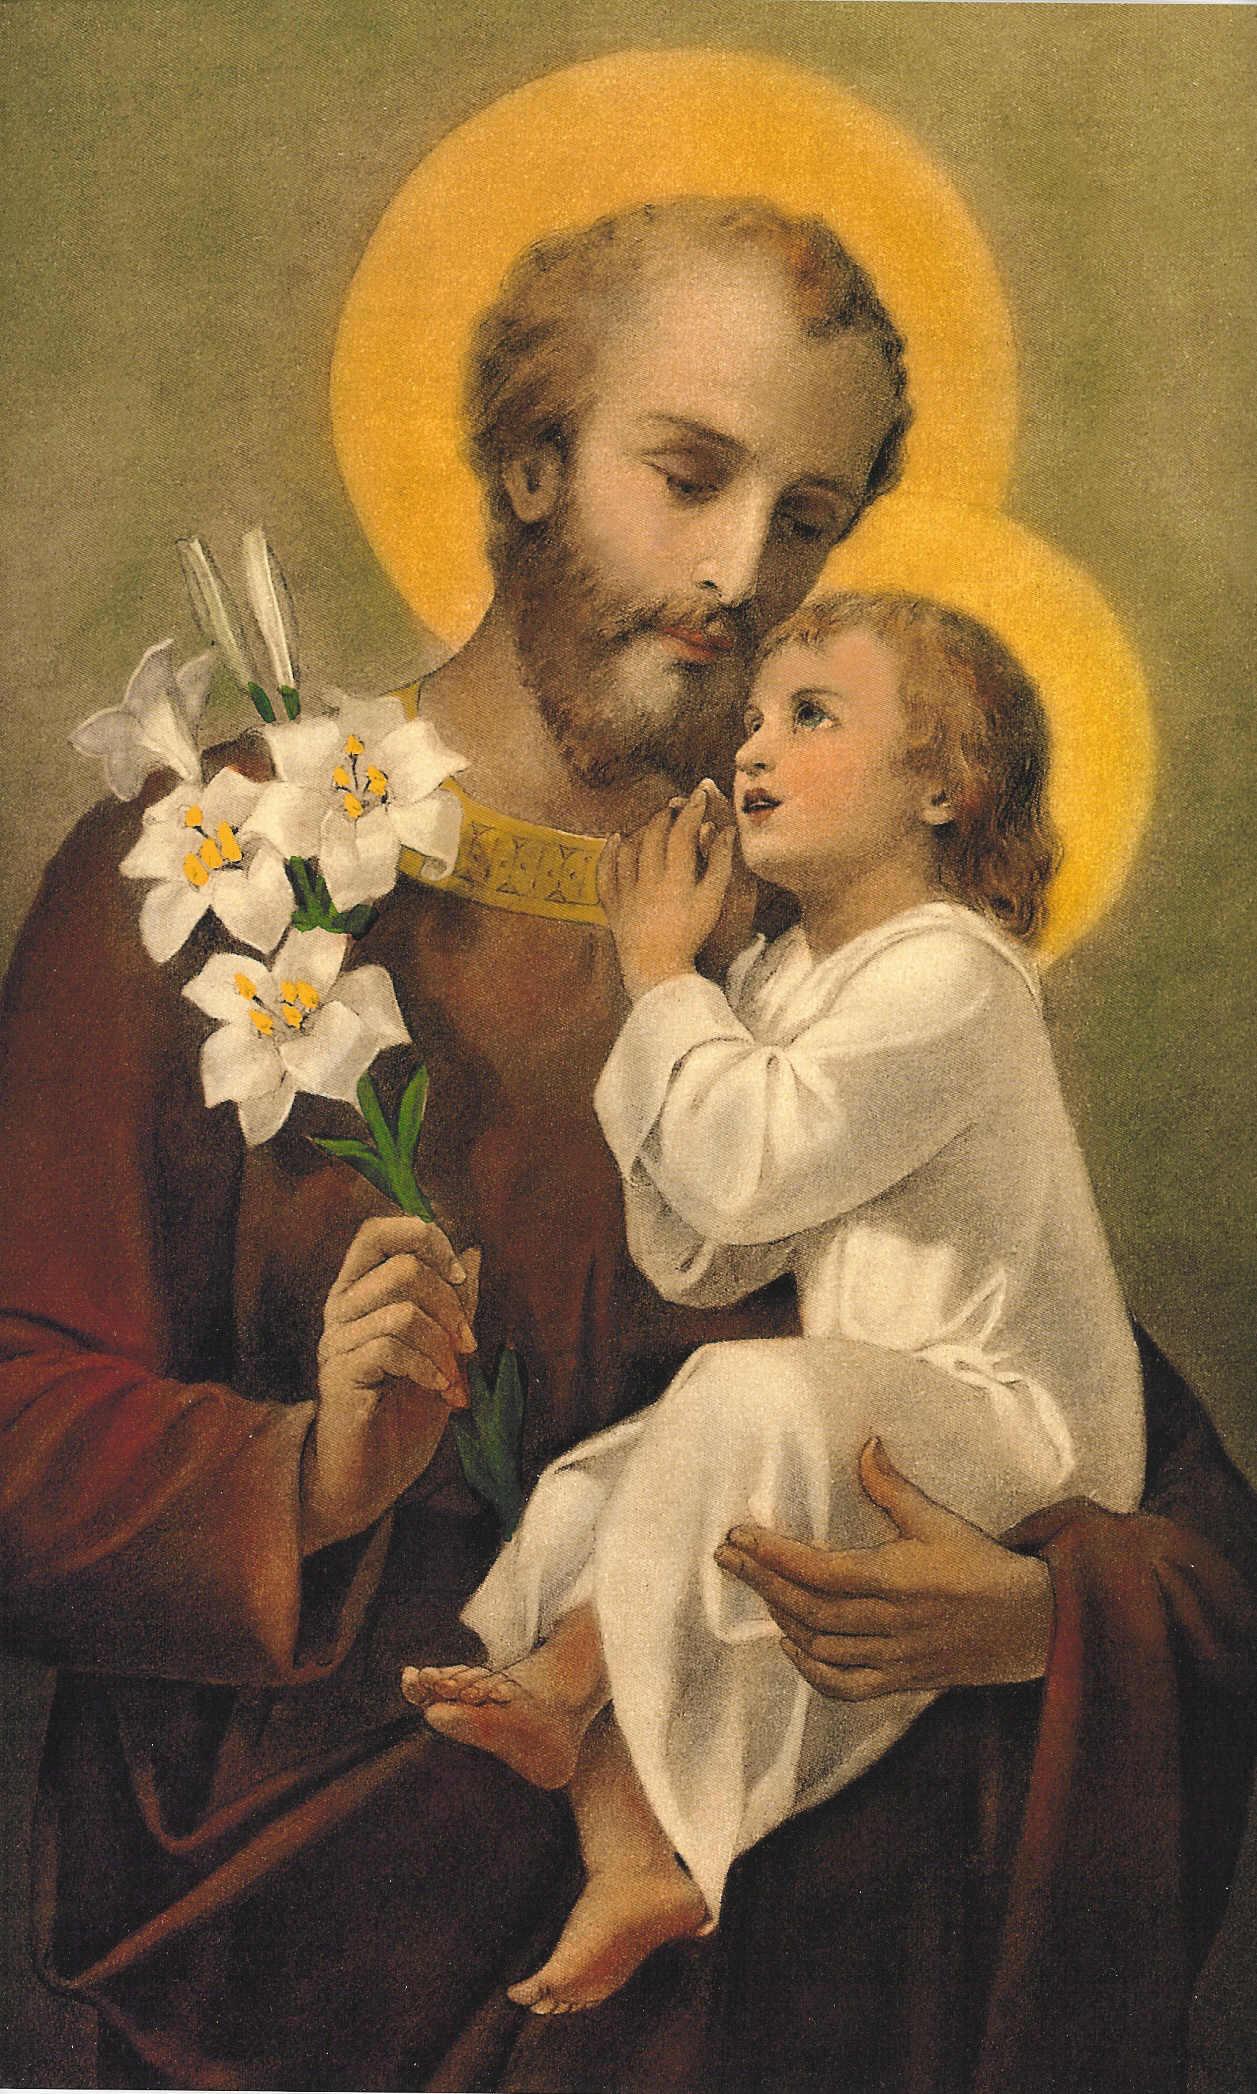 Święty Józef – Patron bezrobotnych